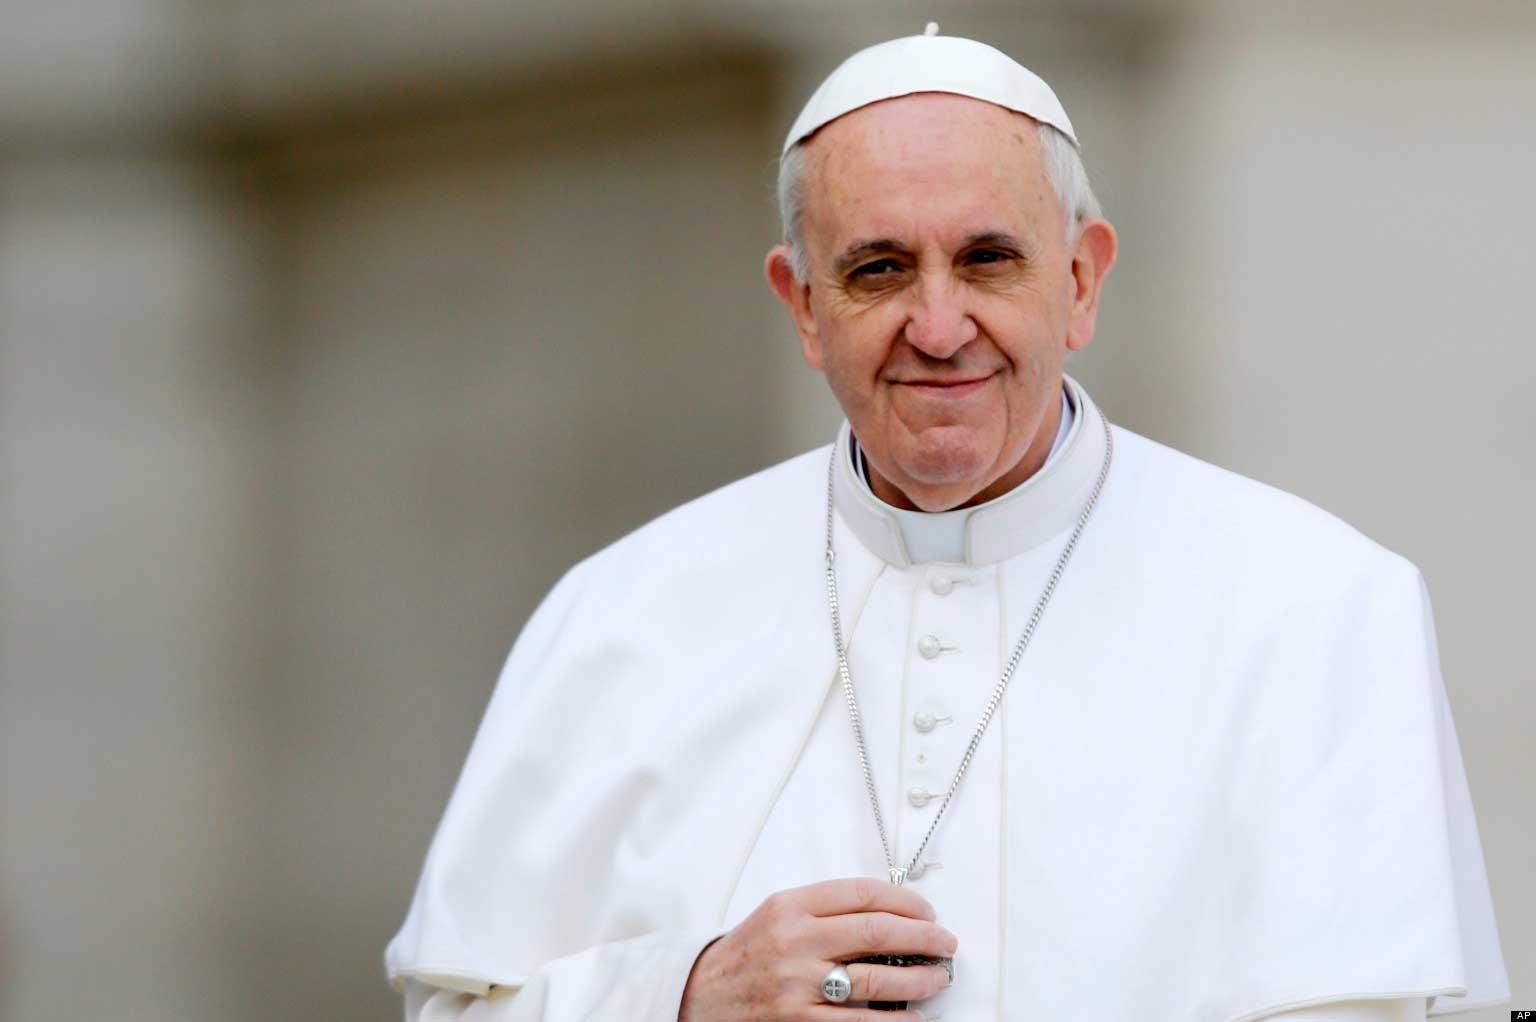 Para Francisco convoca a la iglesia para hablar de sus abusos